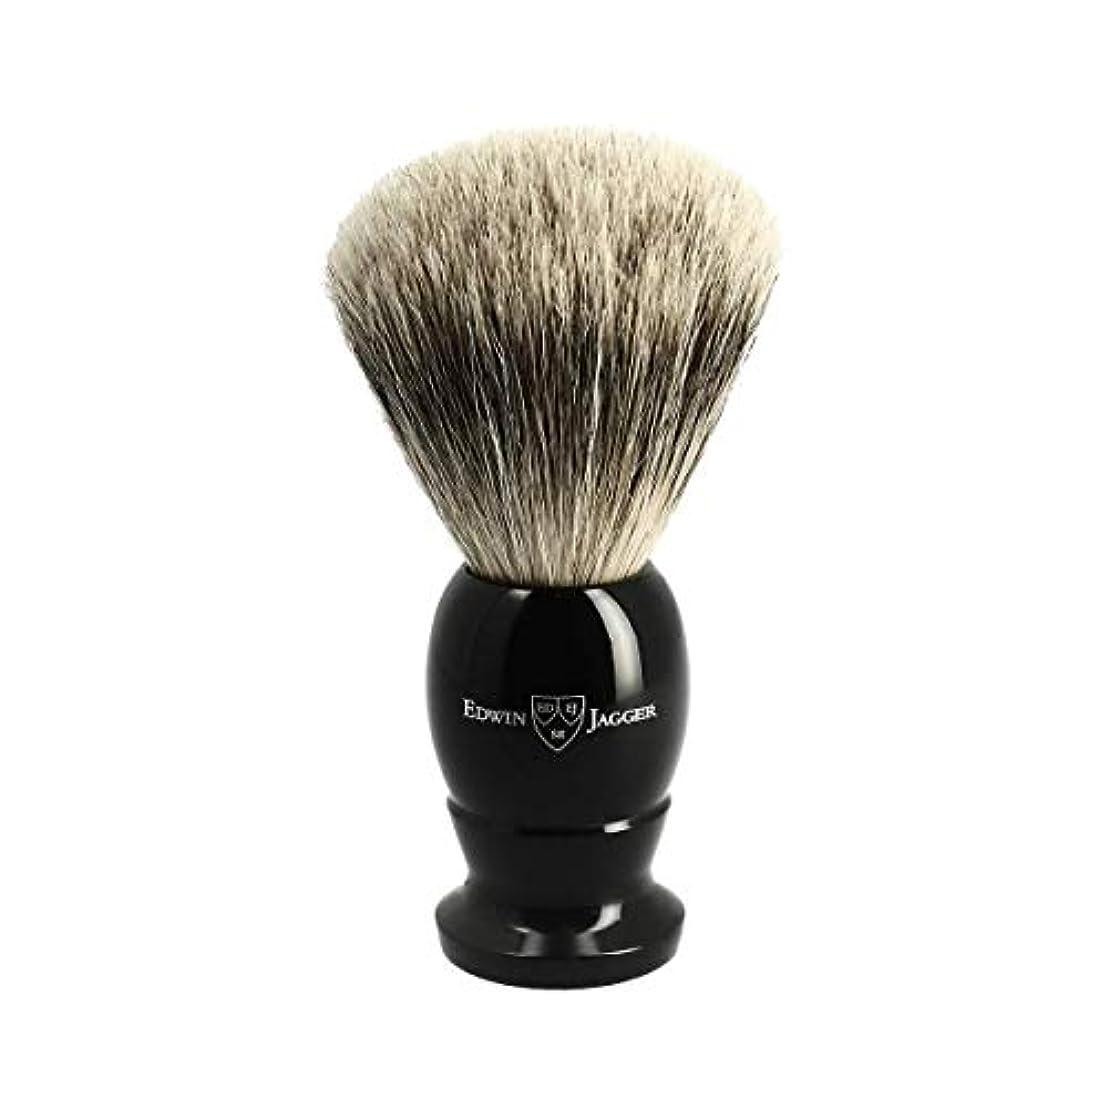 上へルーキーアサートエドウィンジャガー ベストバッジャーアナグマ毛 エボニーシェービングブラシ大3EJ876[海外直送品]Edwin Jagger Best Badger Ebony Shaving Brush Large 3EJ876 [...